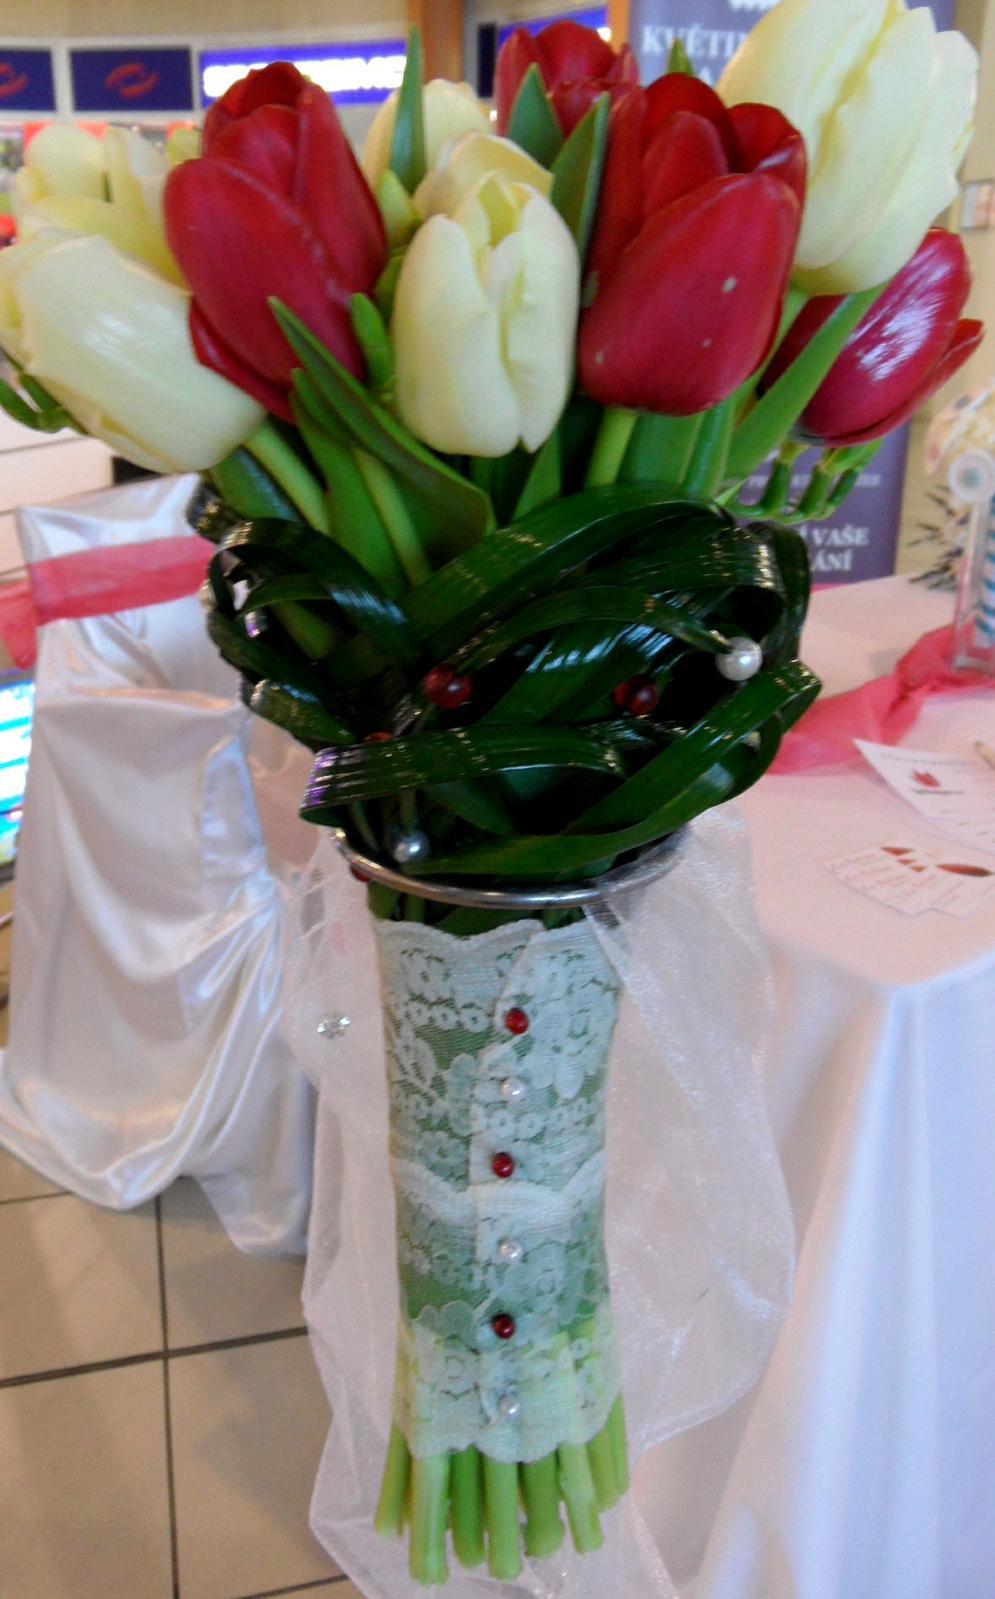 Vyzdoba Svatebni Tabule Z Bilych Tulipanu Jakou K